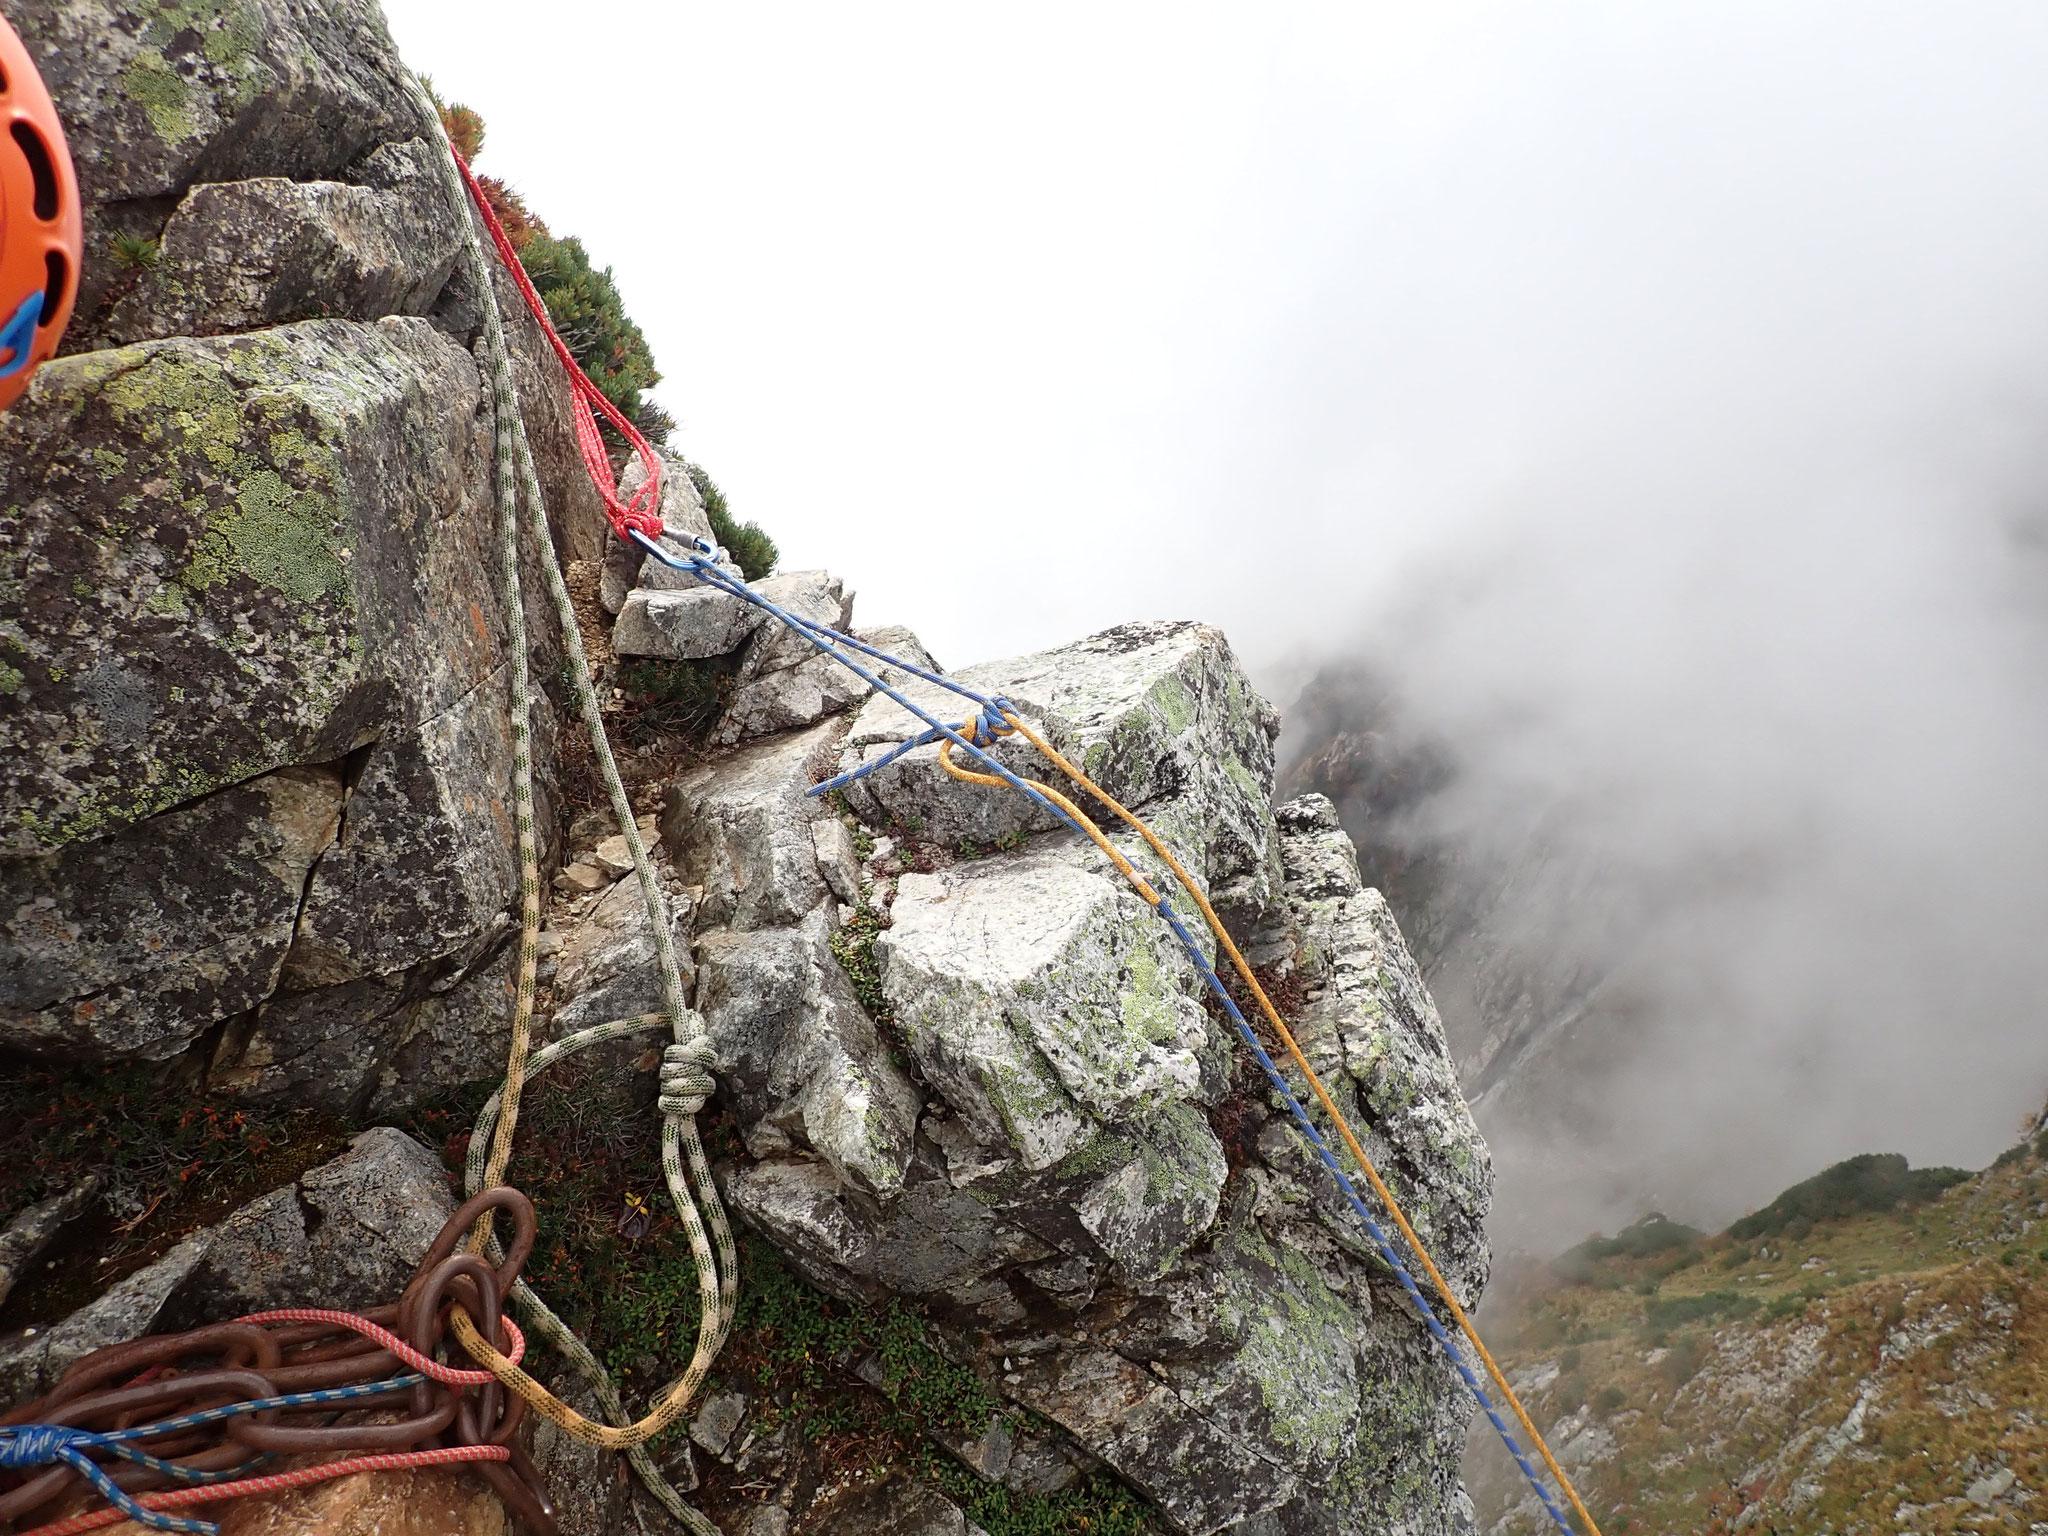 2峰の懸垂下降支点、新しい赤いシュリンゲが掛けてある